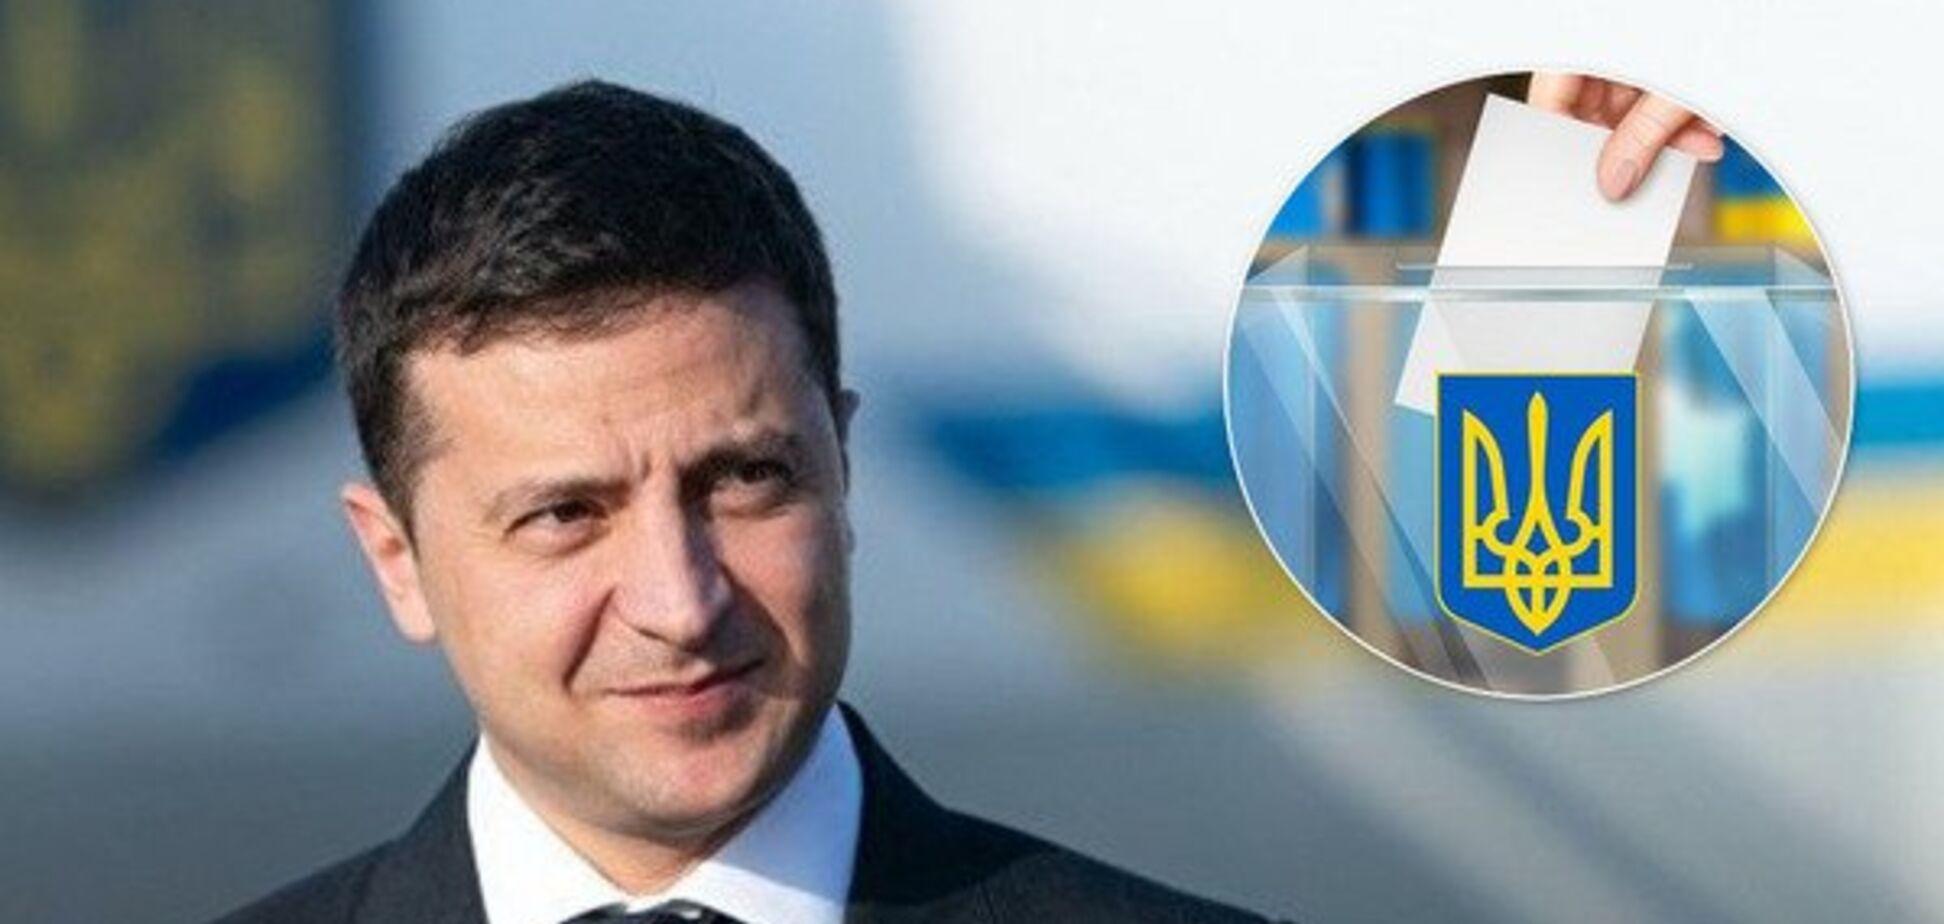 'Не вините Зеленского! Украинцы сами разрушают независимость!' Портников обратился с мощной речью